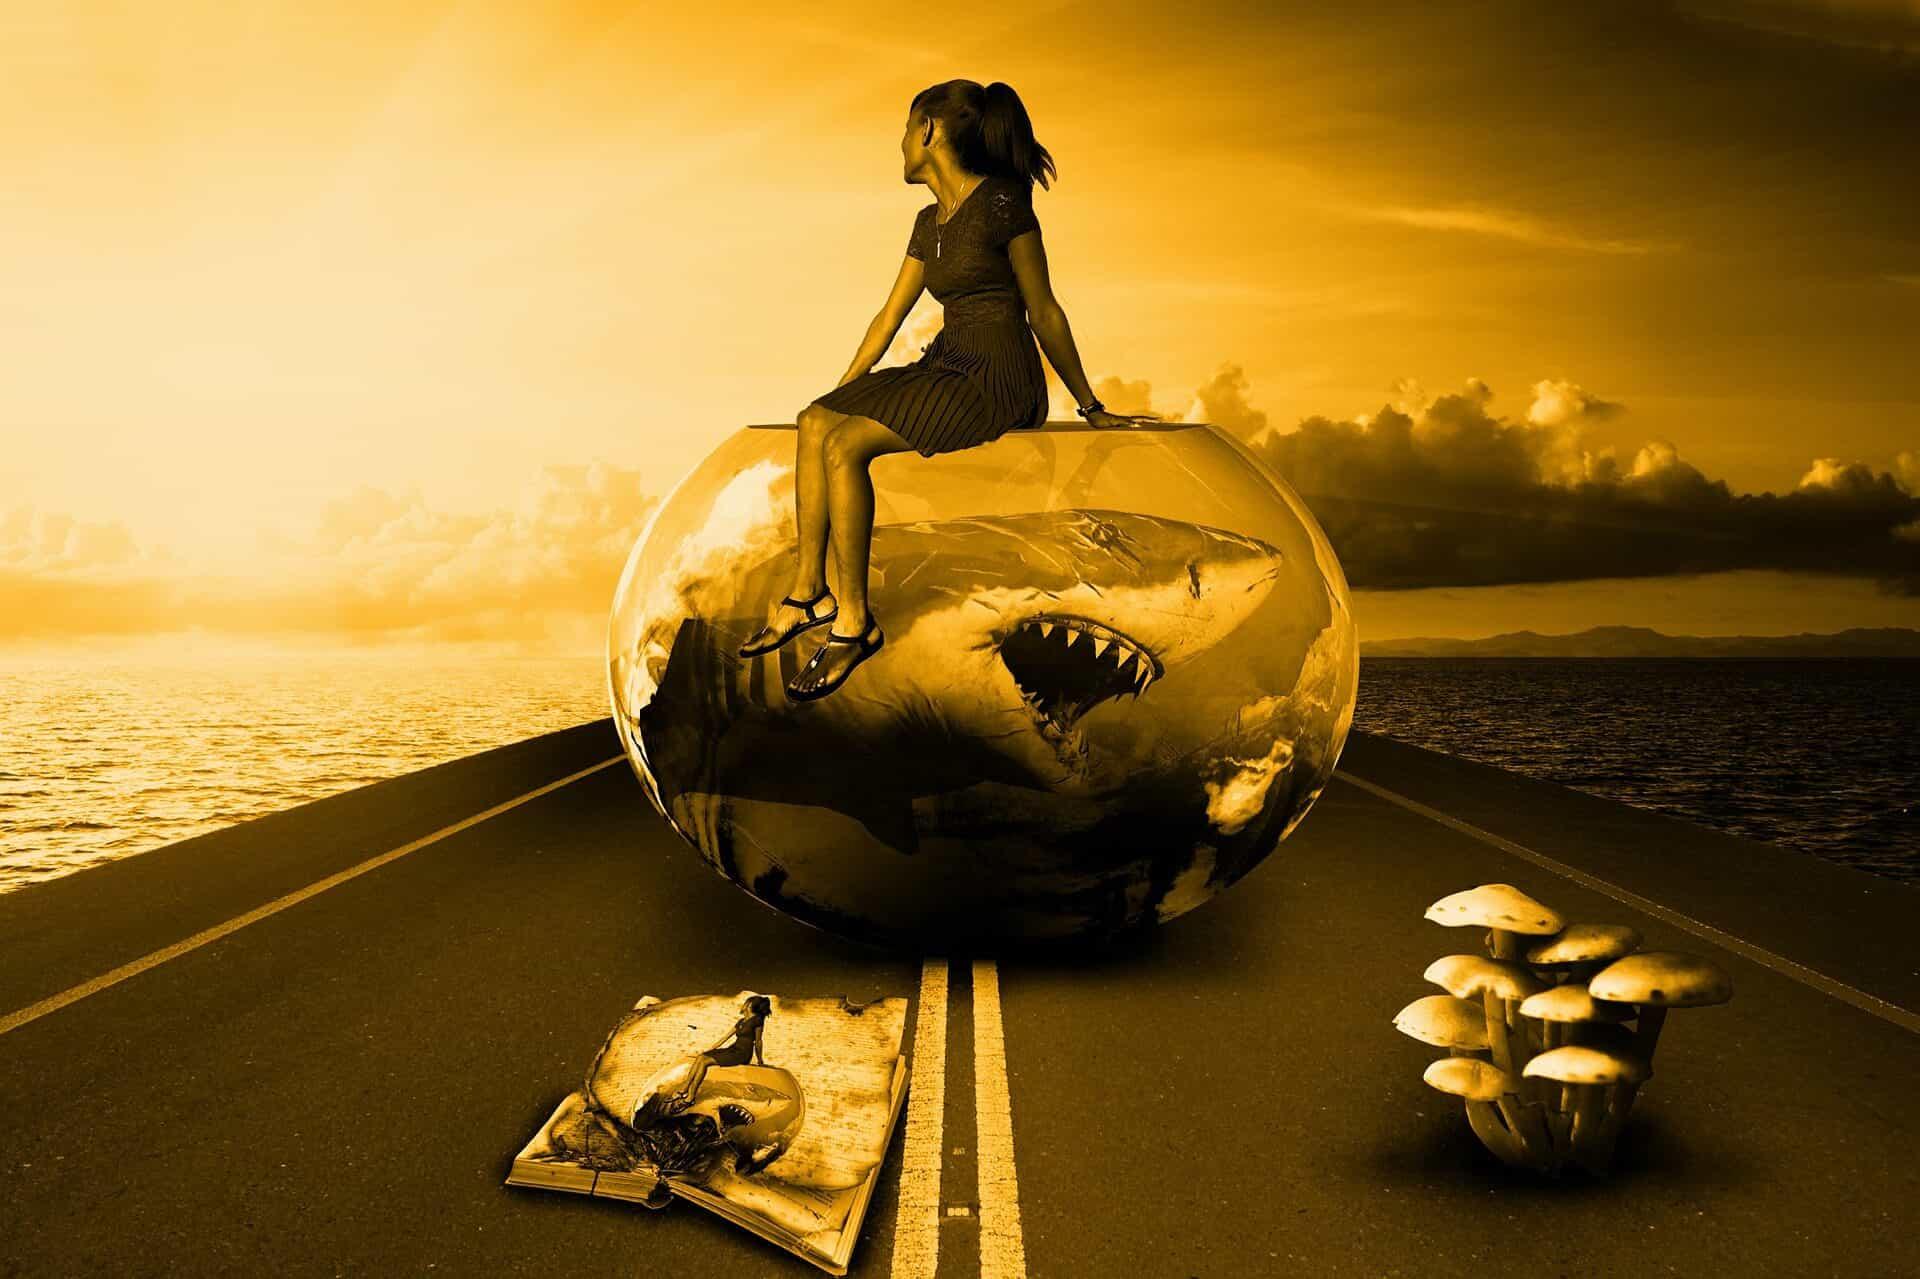 imagen surrealista